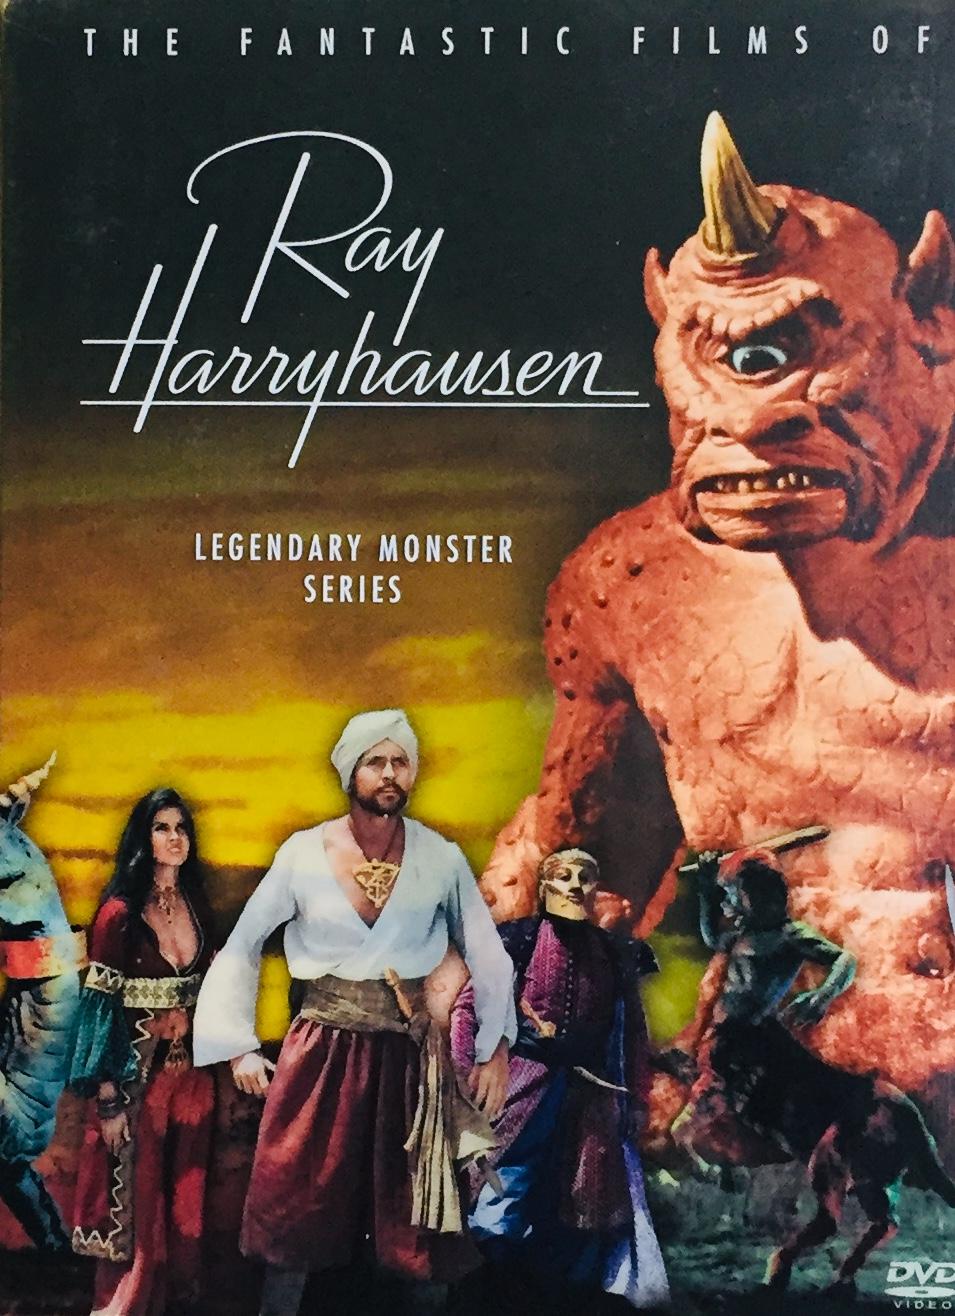 The Fantastic Films of Ray Harryhausen - Legendary Monster Series - v originálním znění bez CZ titulků - 5xDVD/ 5xplast v šubru/bazarové zboží/